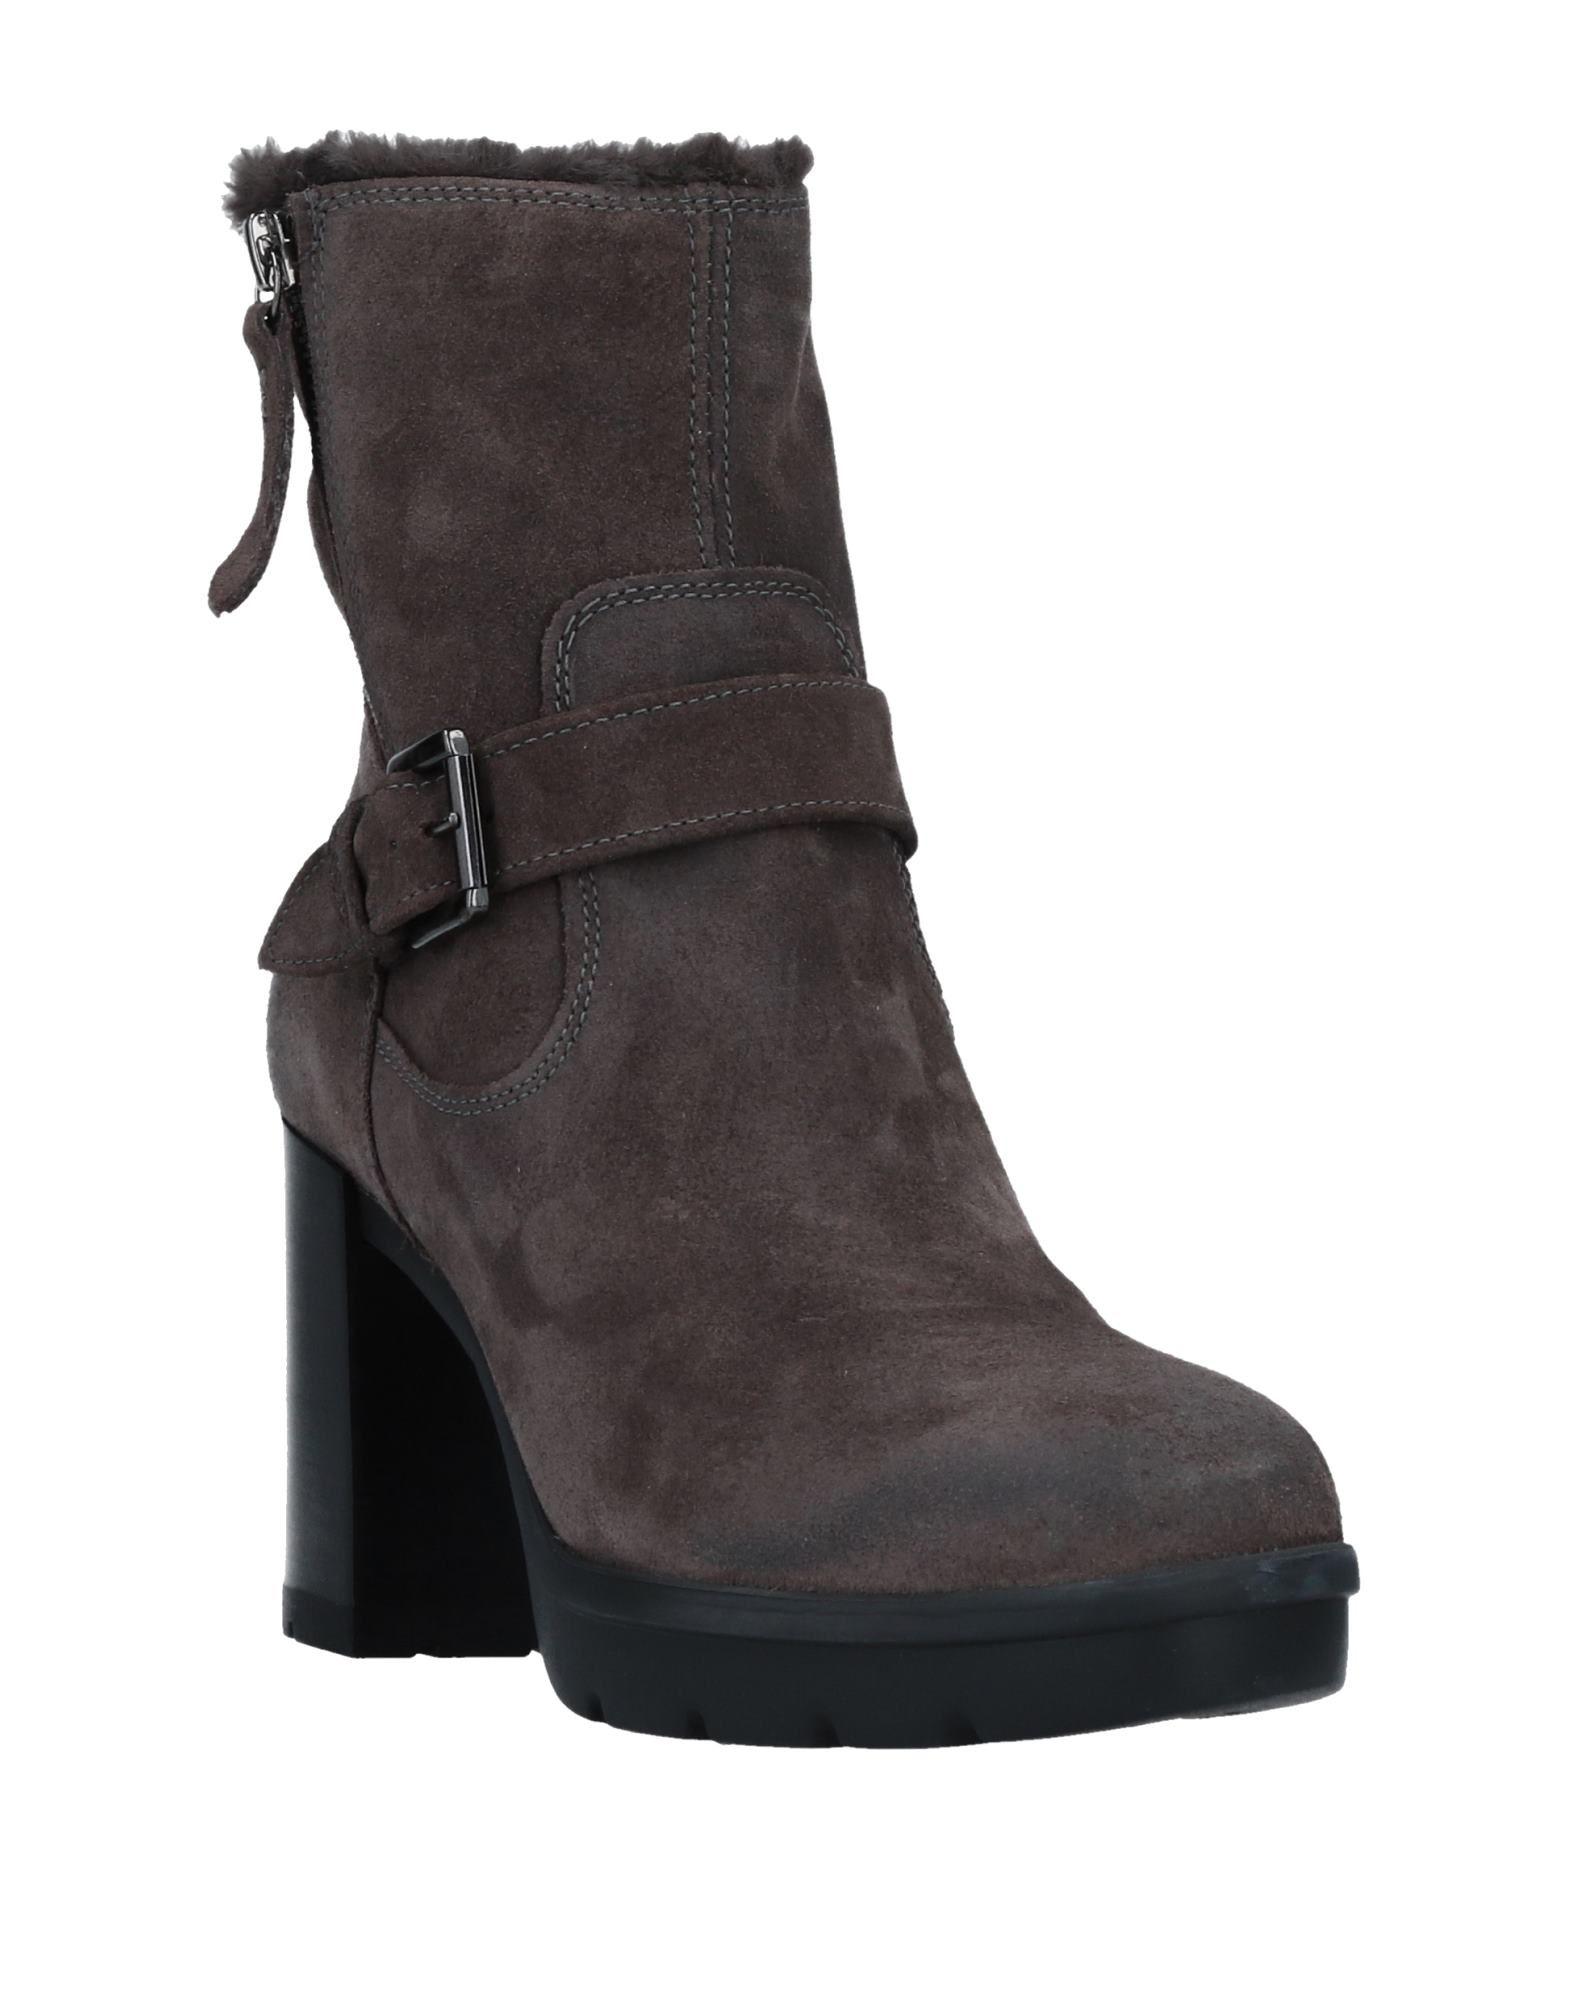 Geox Stiefelette Damen  11496790KX Gute Qualität beliebte Schuhe